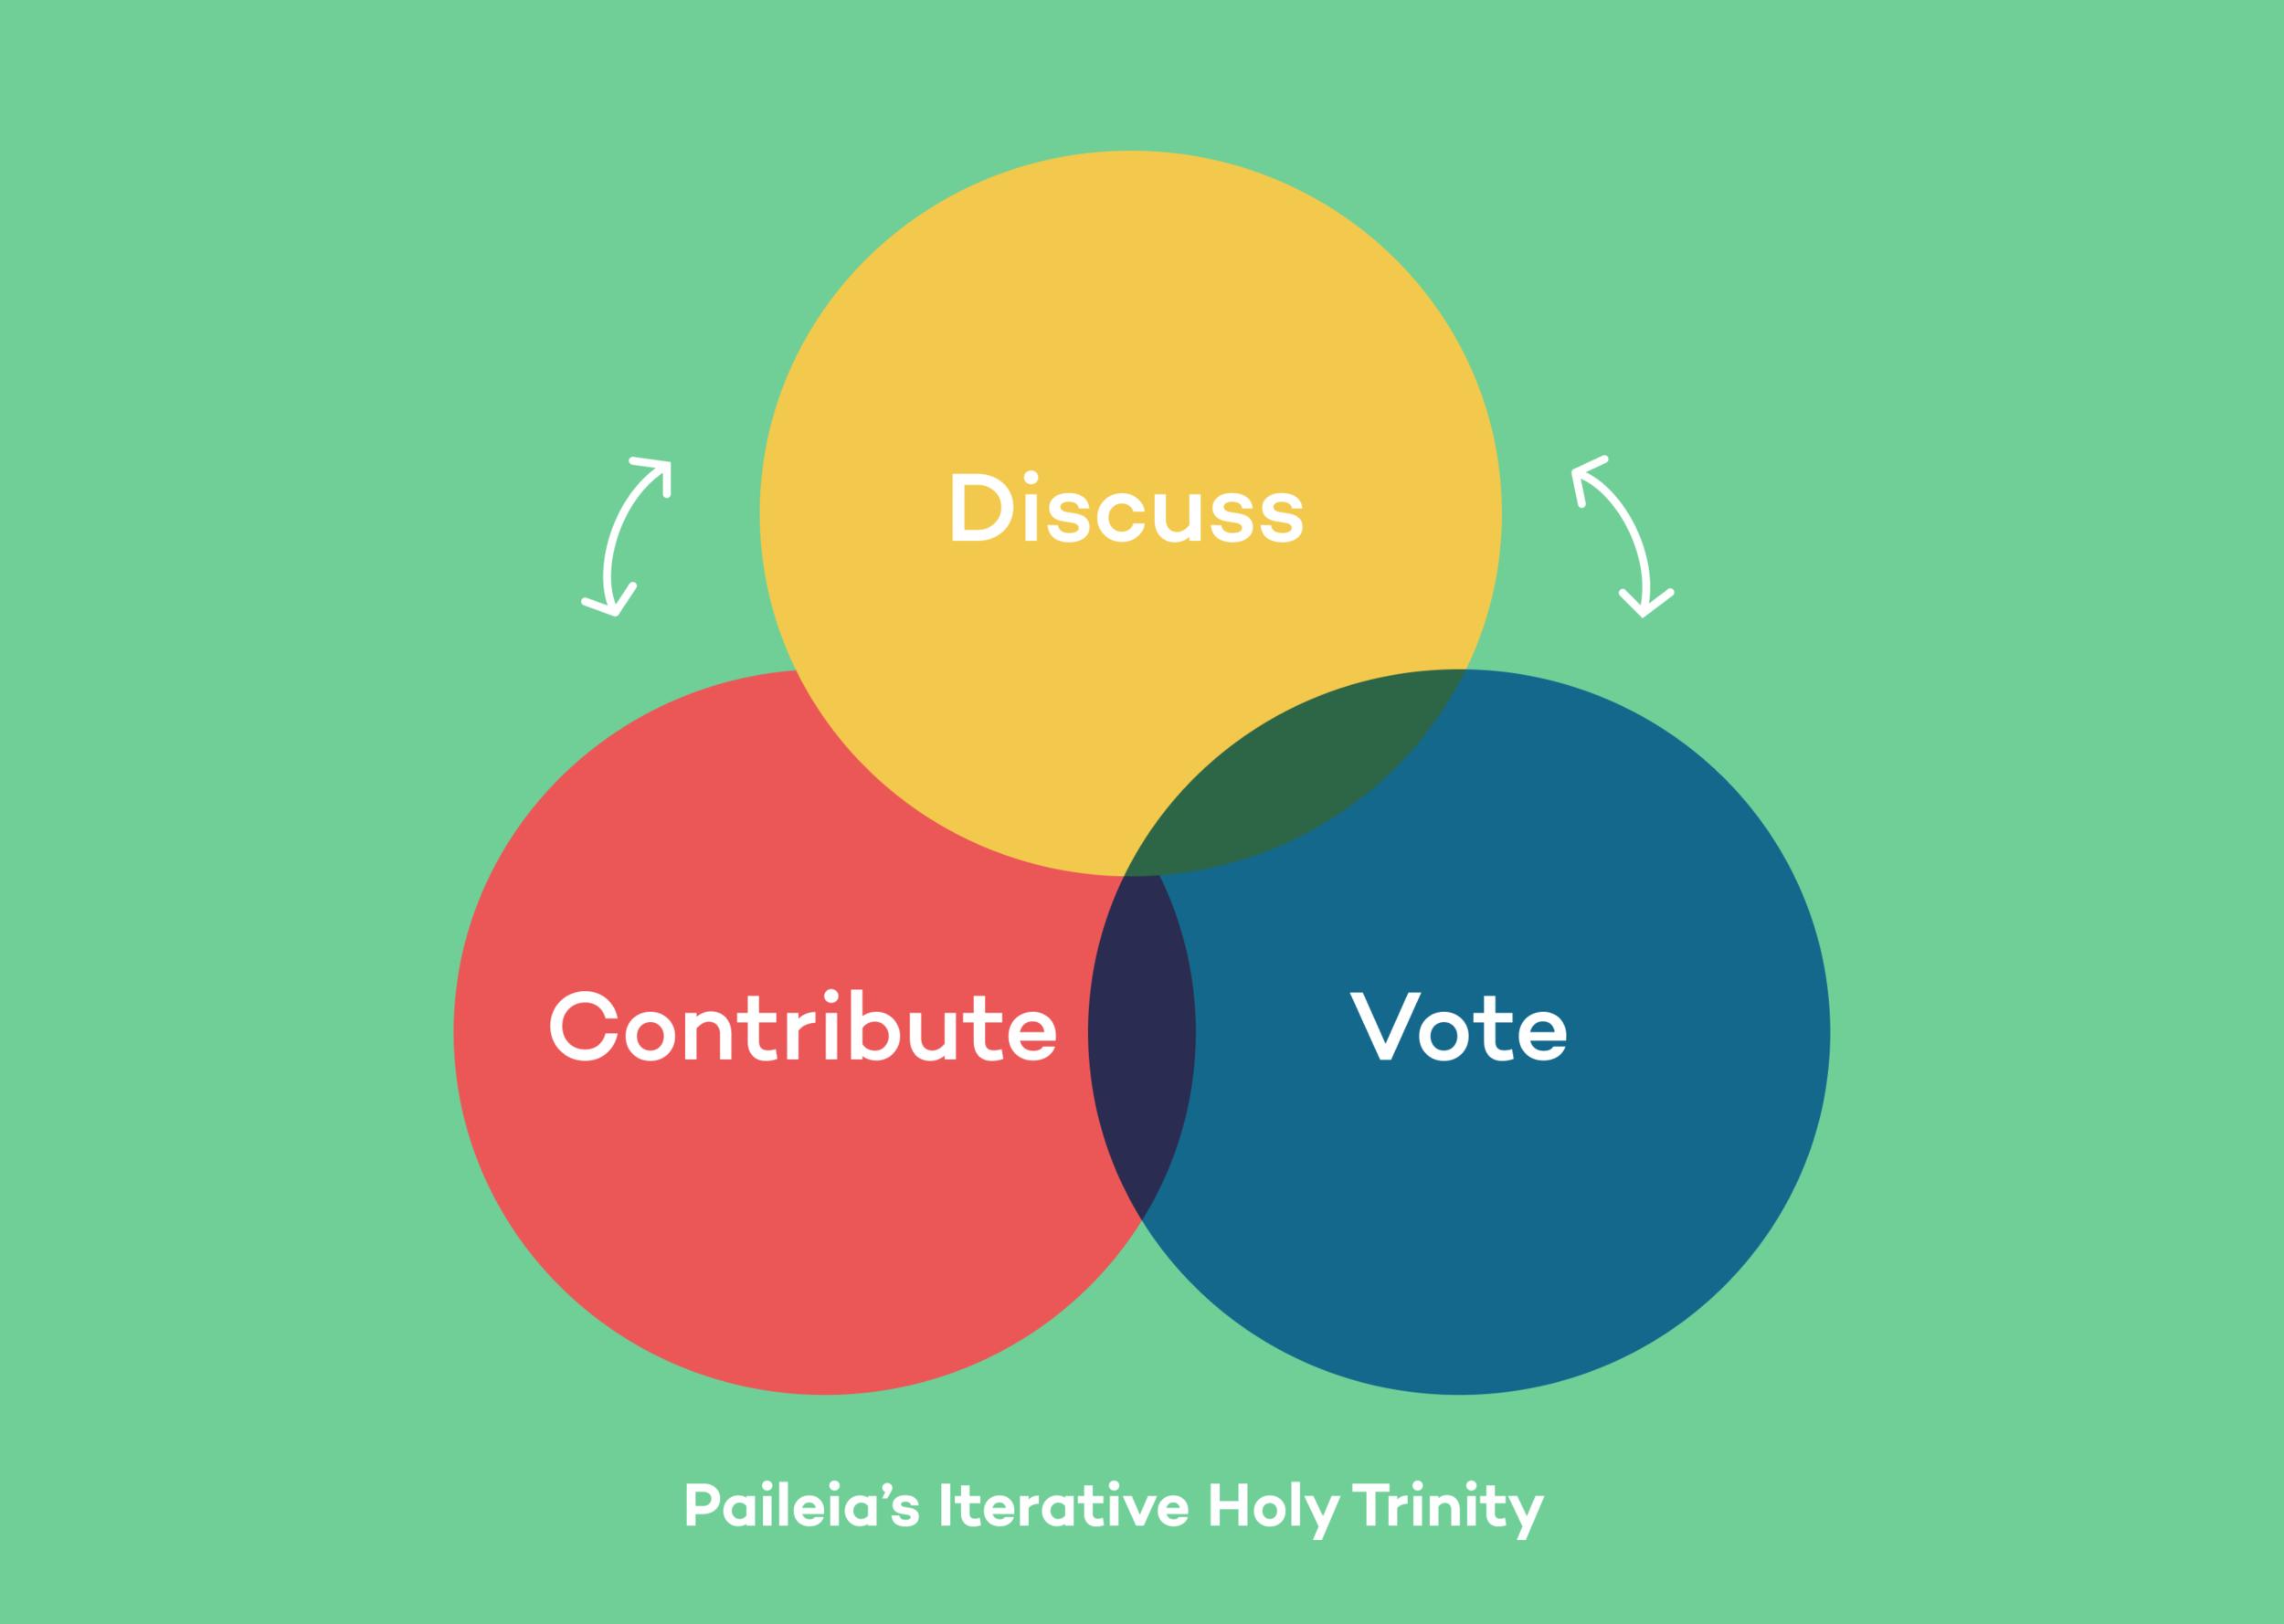 Paileia's Iterative Holy Trinity